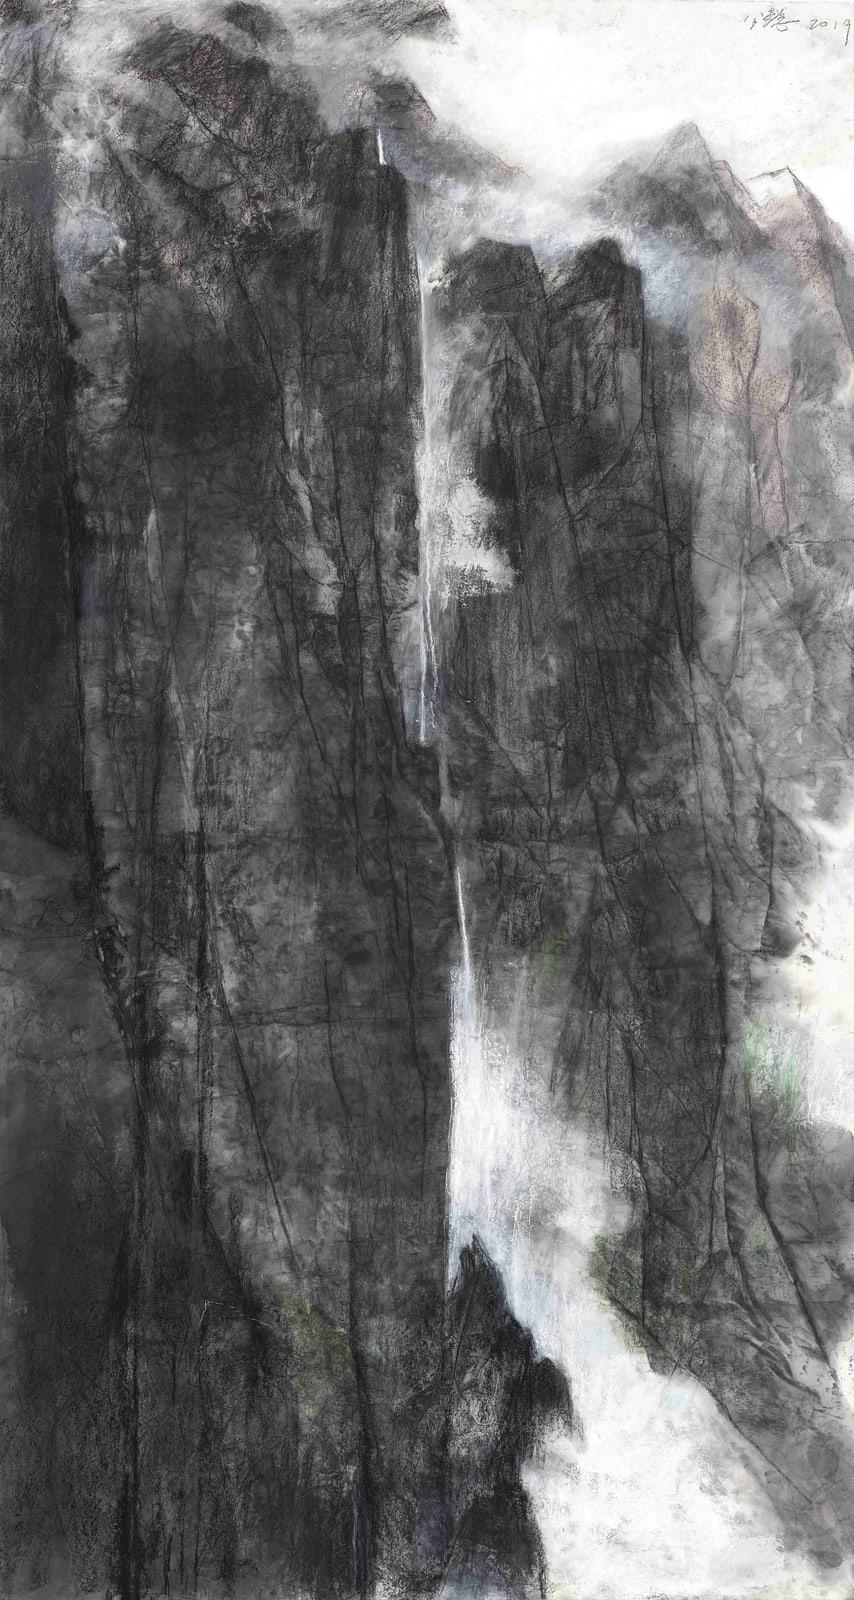 Wang Gongyi 王公懿, Follow the Creek No.1 緣溪行之一, 2019